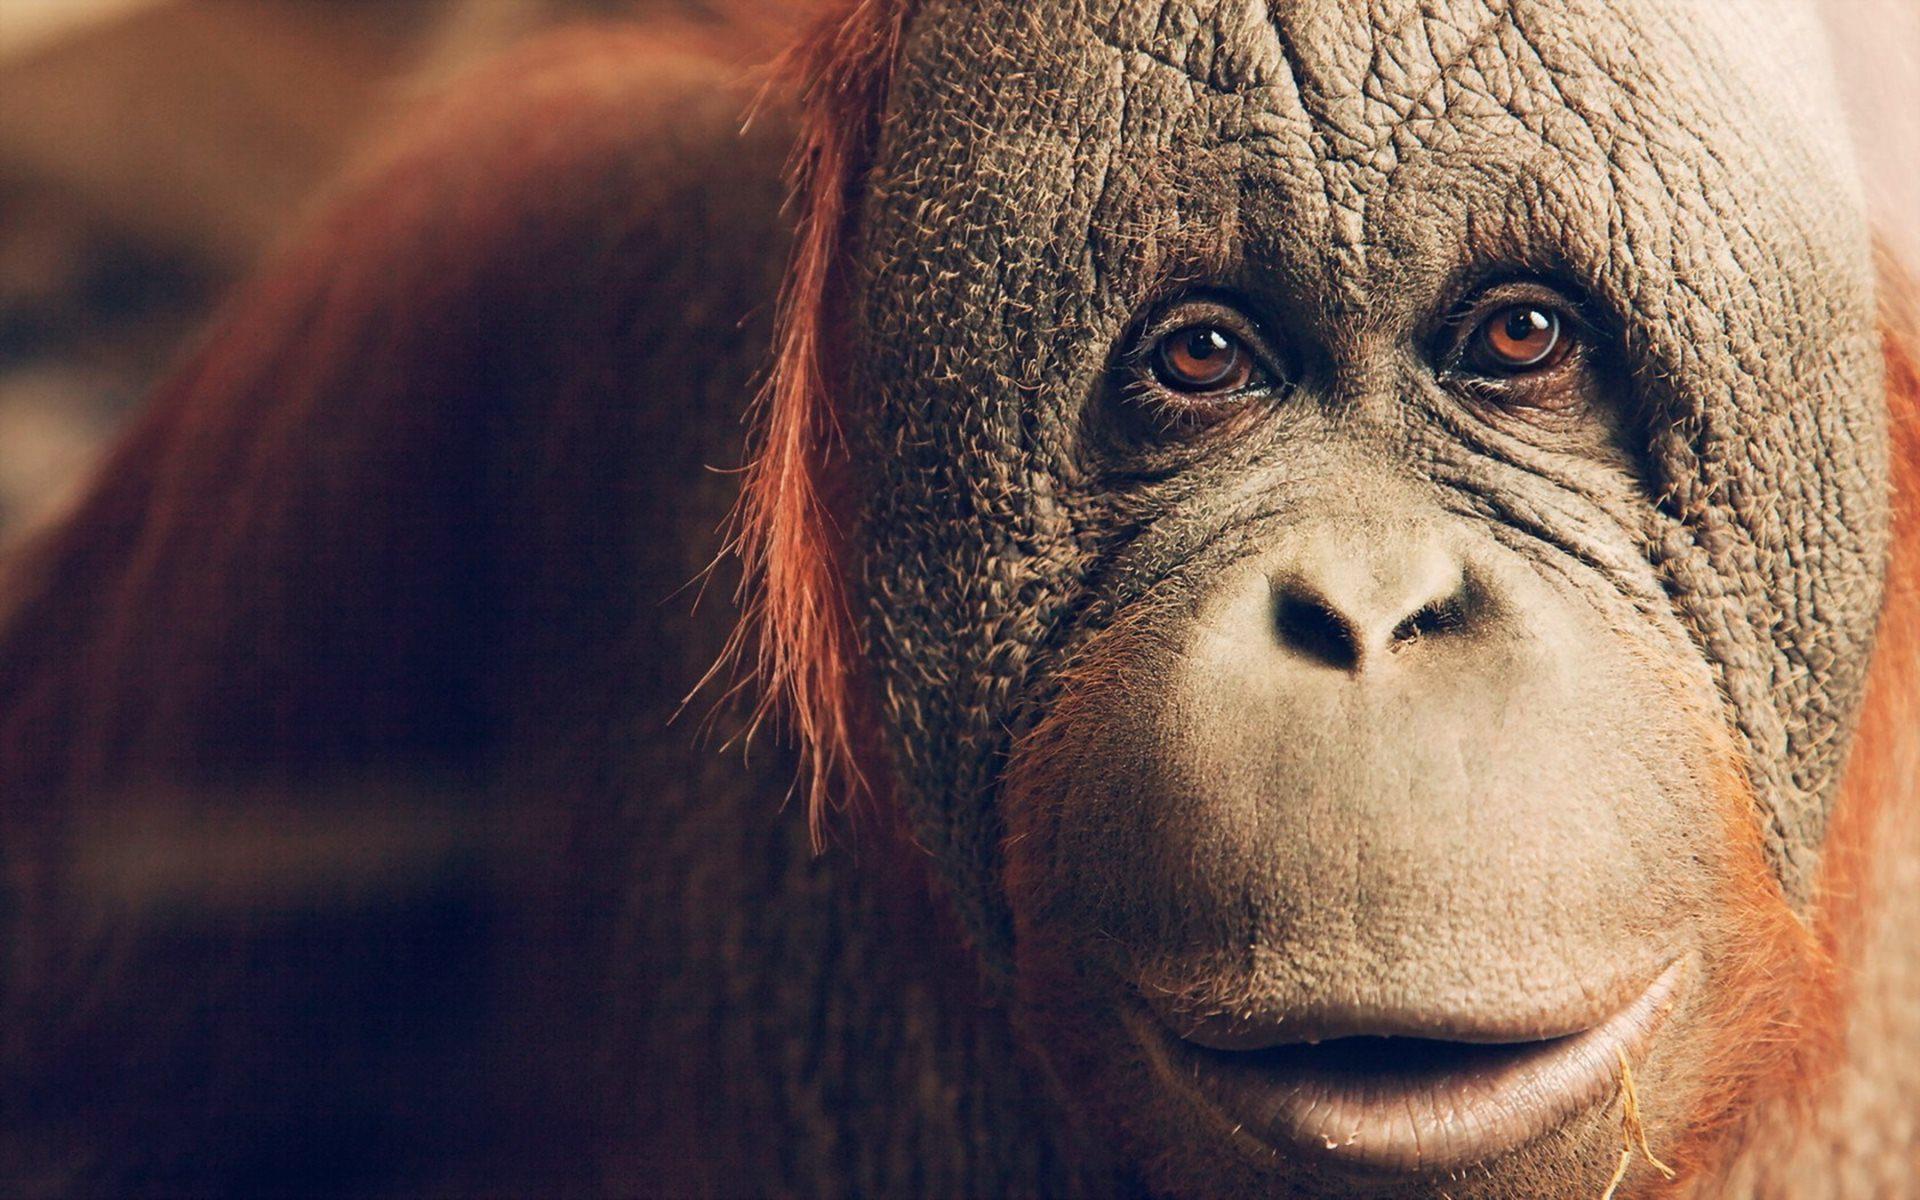 картинки на рабочий стол лица животных первую очередь